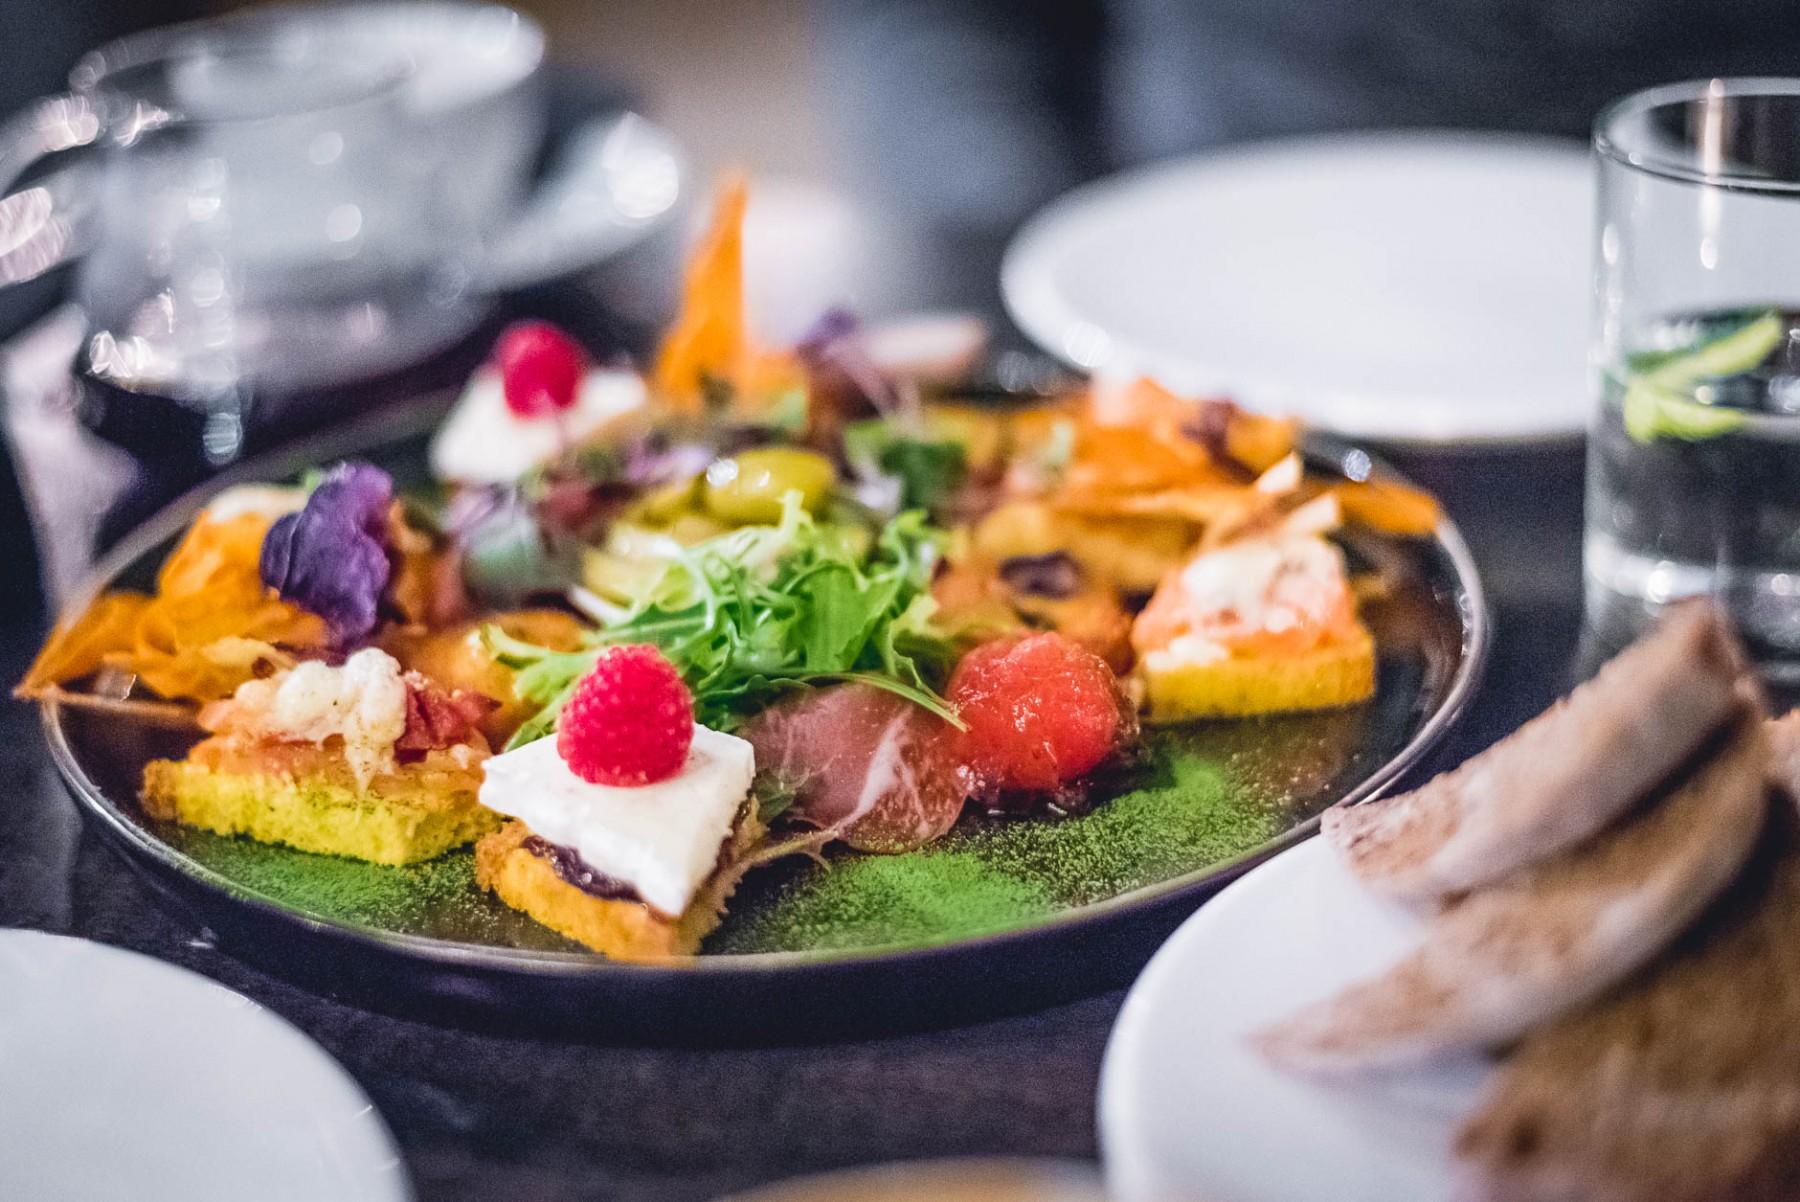 Restaurant experience in Riga, Latvia